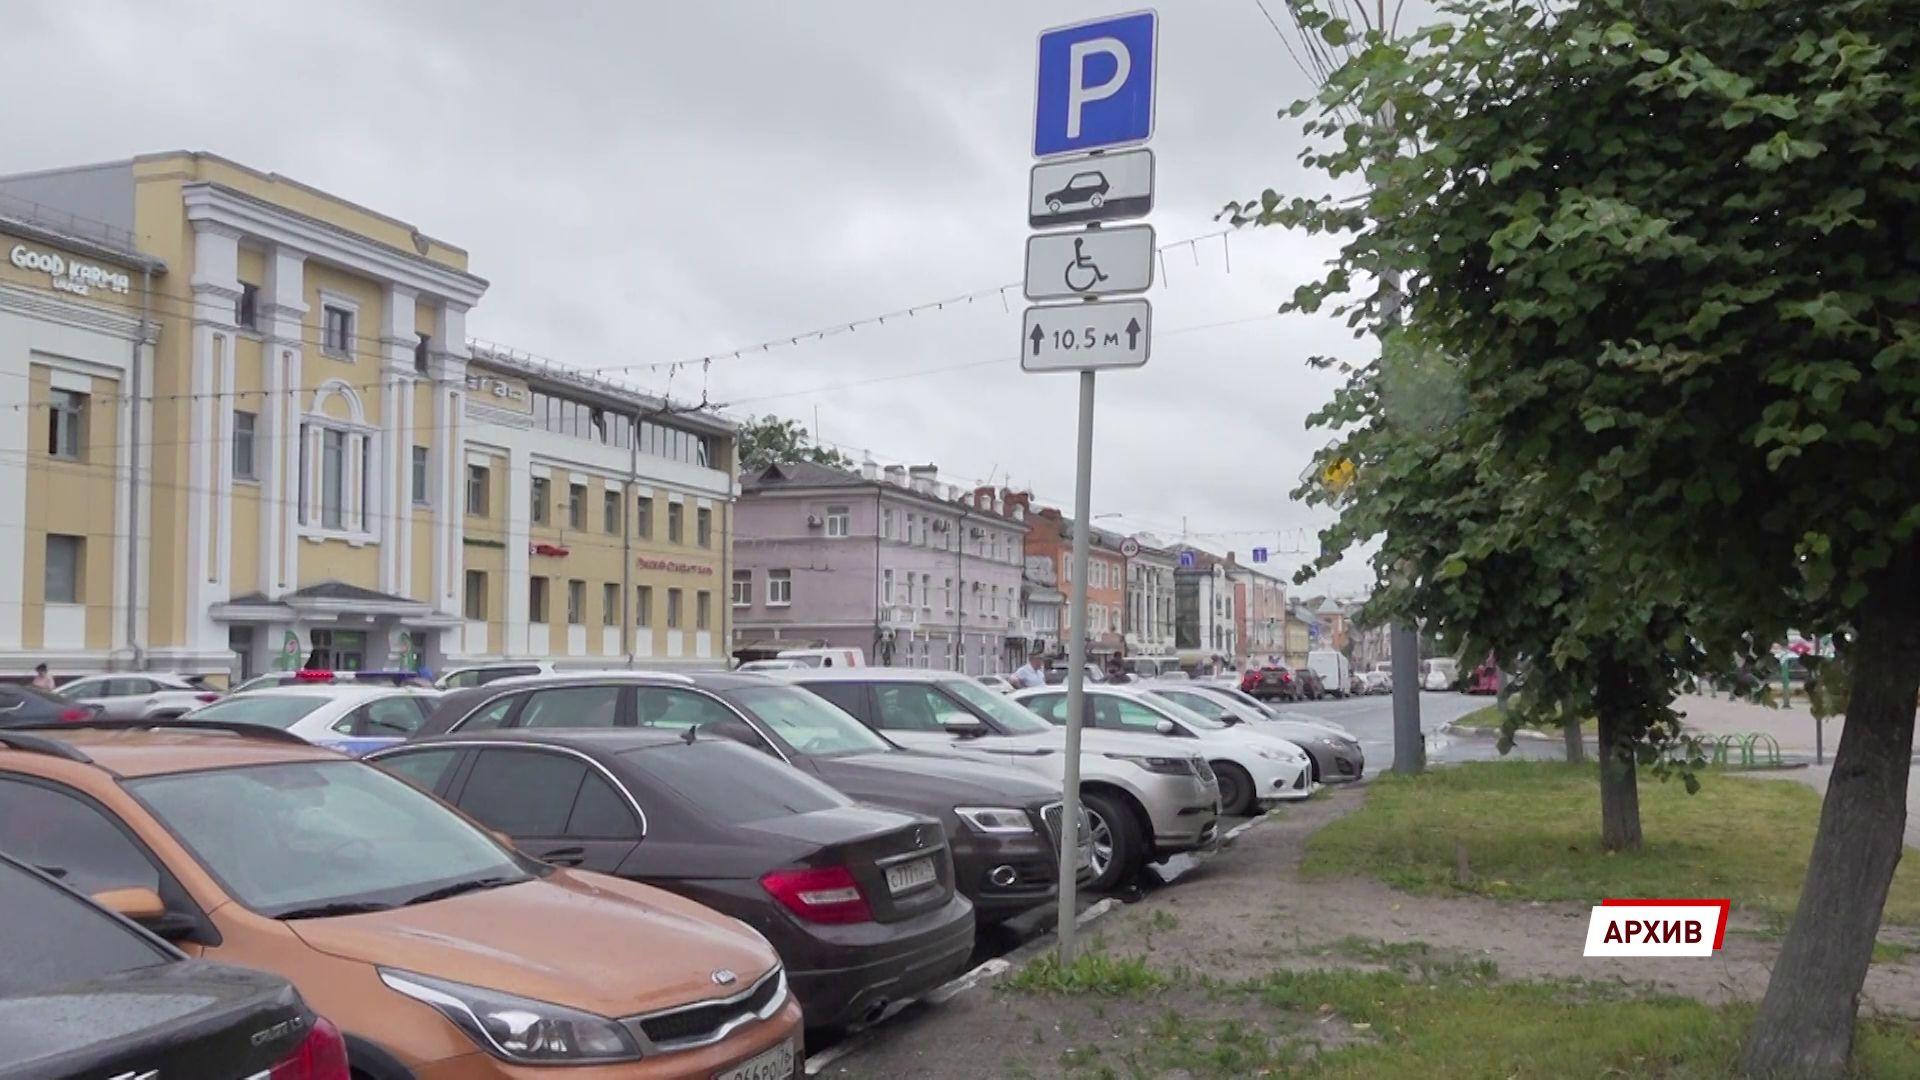 Муниципальные парковки в Ярославле стали бесплатными